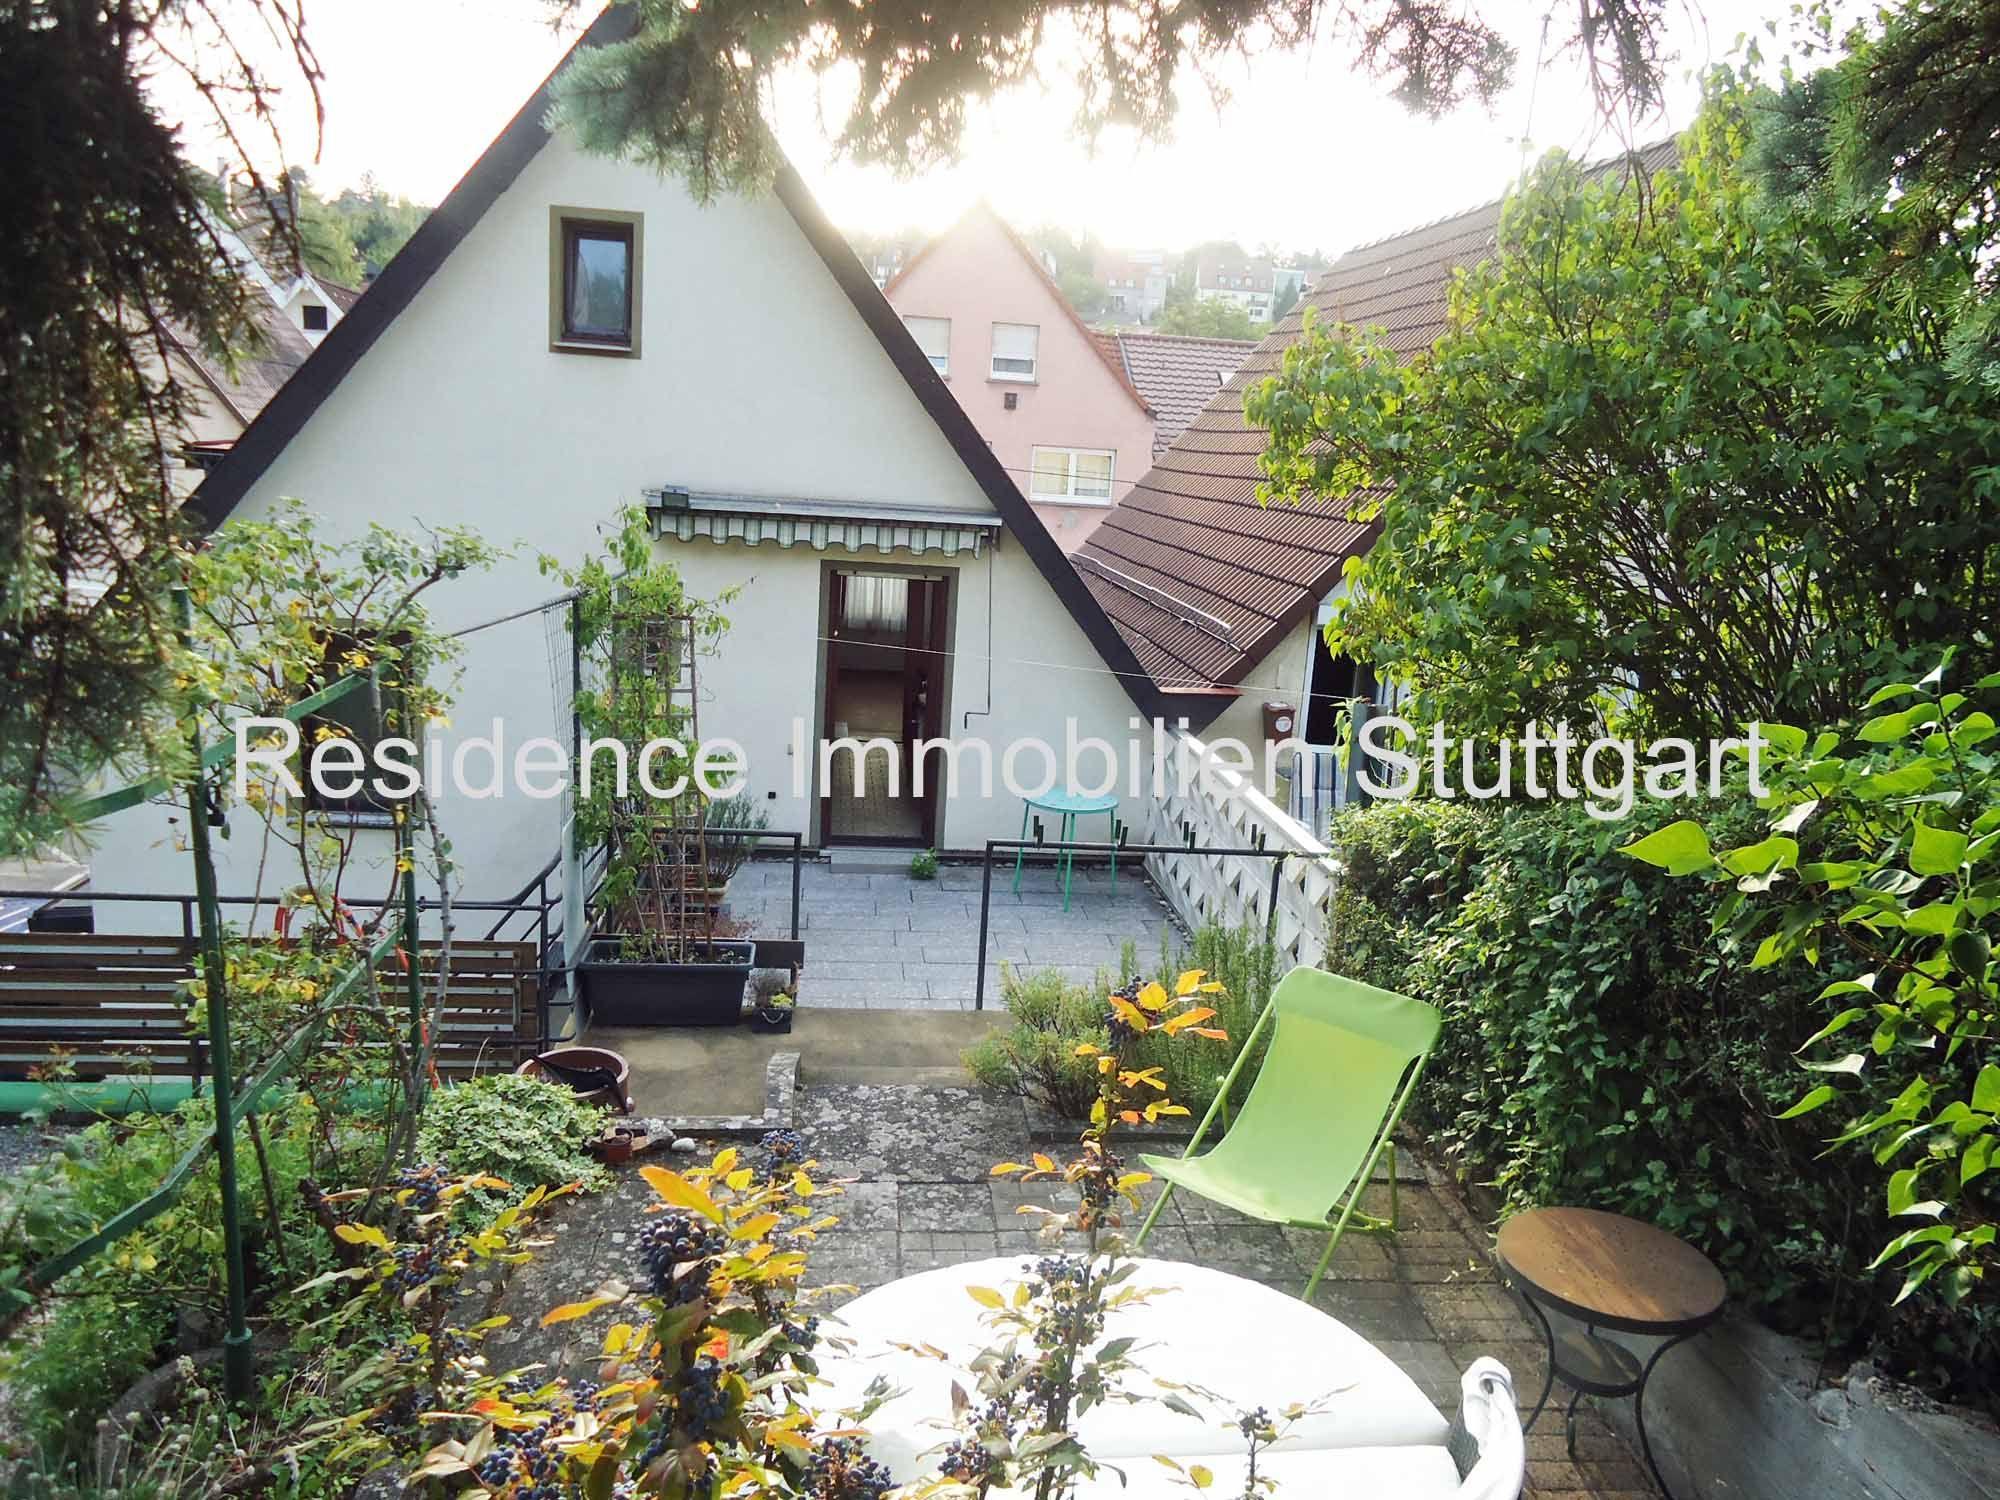 Stuttgart Ost Das Charmante Stadthaus Verfugt Uber Zwei Grosse Terrassen Und Einen Schonen Gartenbereich 3 Schlafzimmer 2 Bader Ei Immobilien Haus Stadthaus